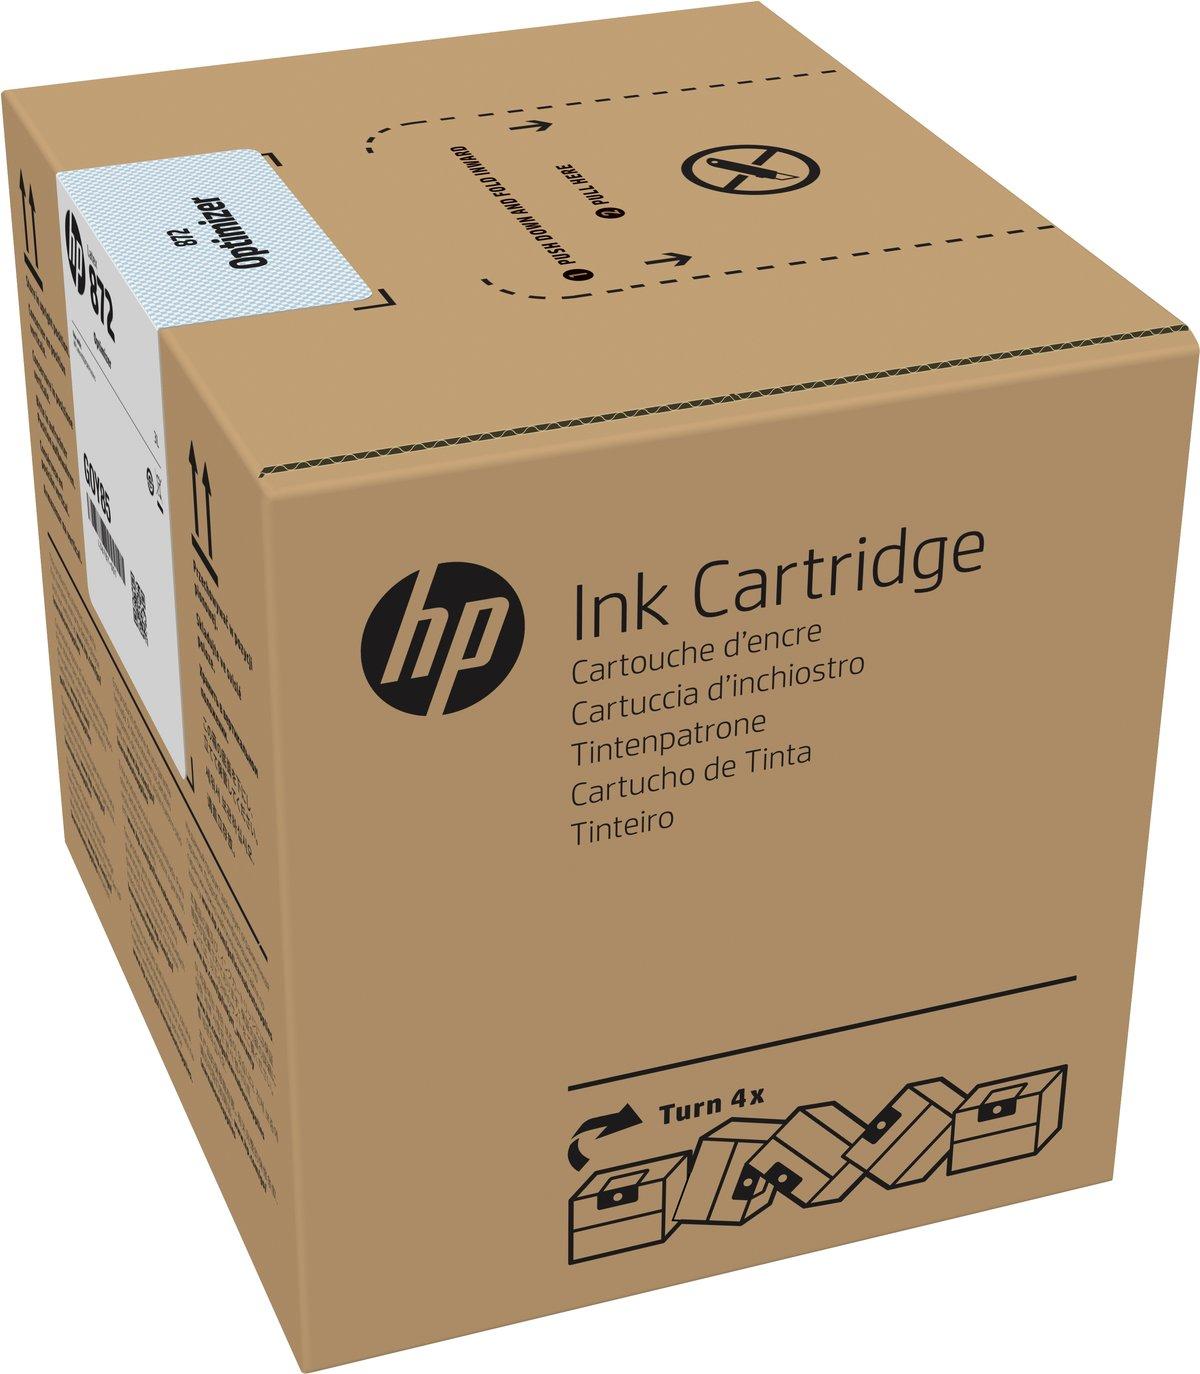 Ink Cartridge - No 872 - 3 liter - Optimizer Latex